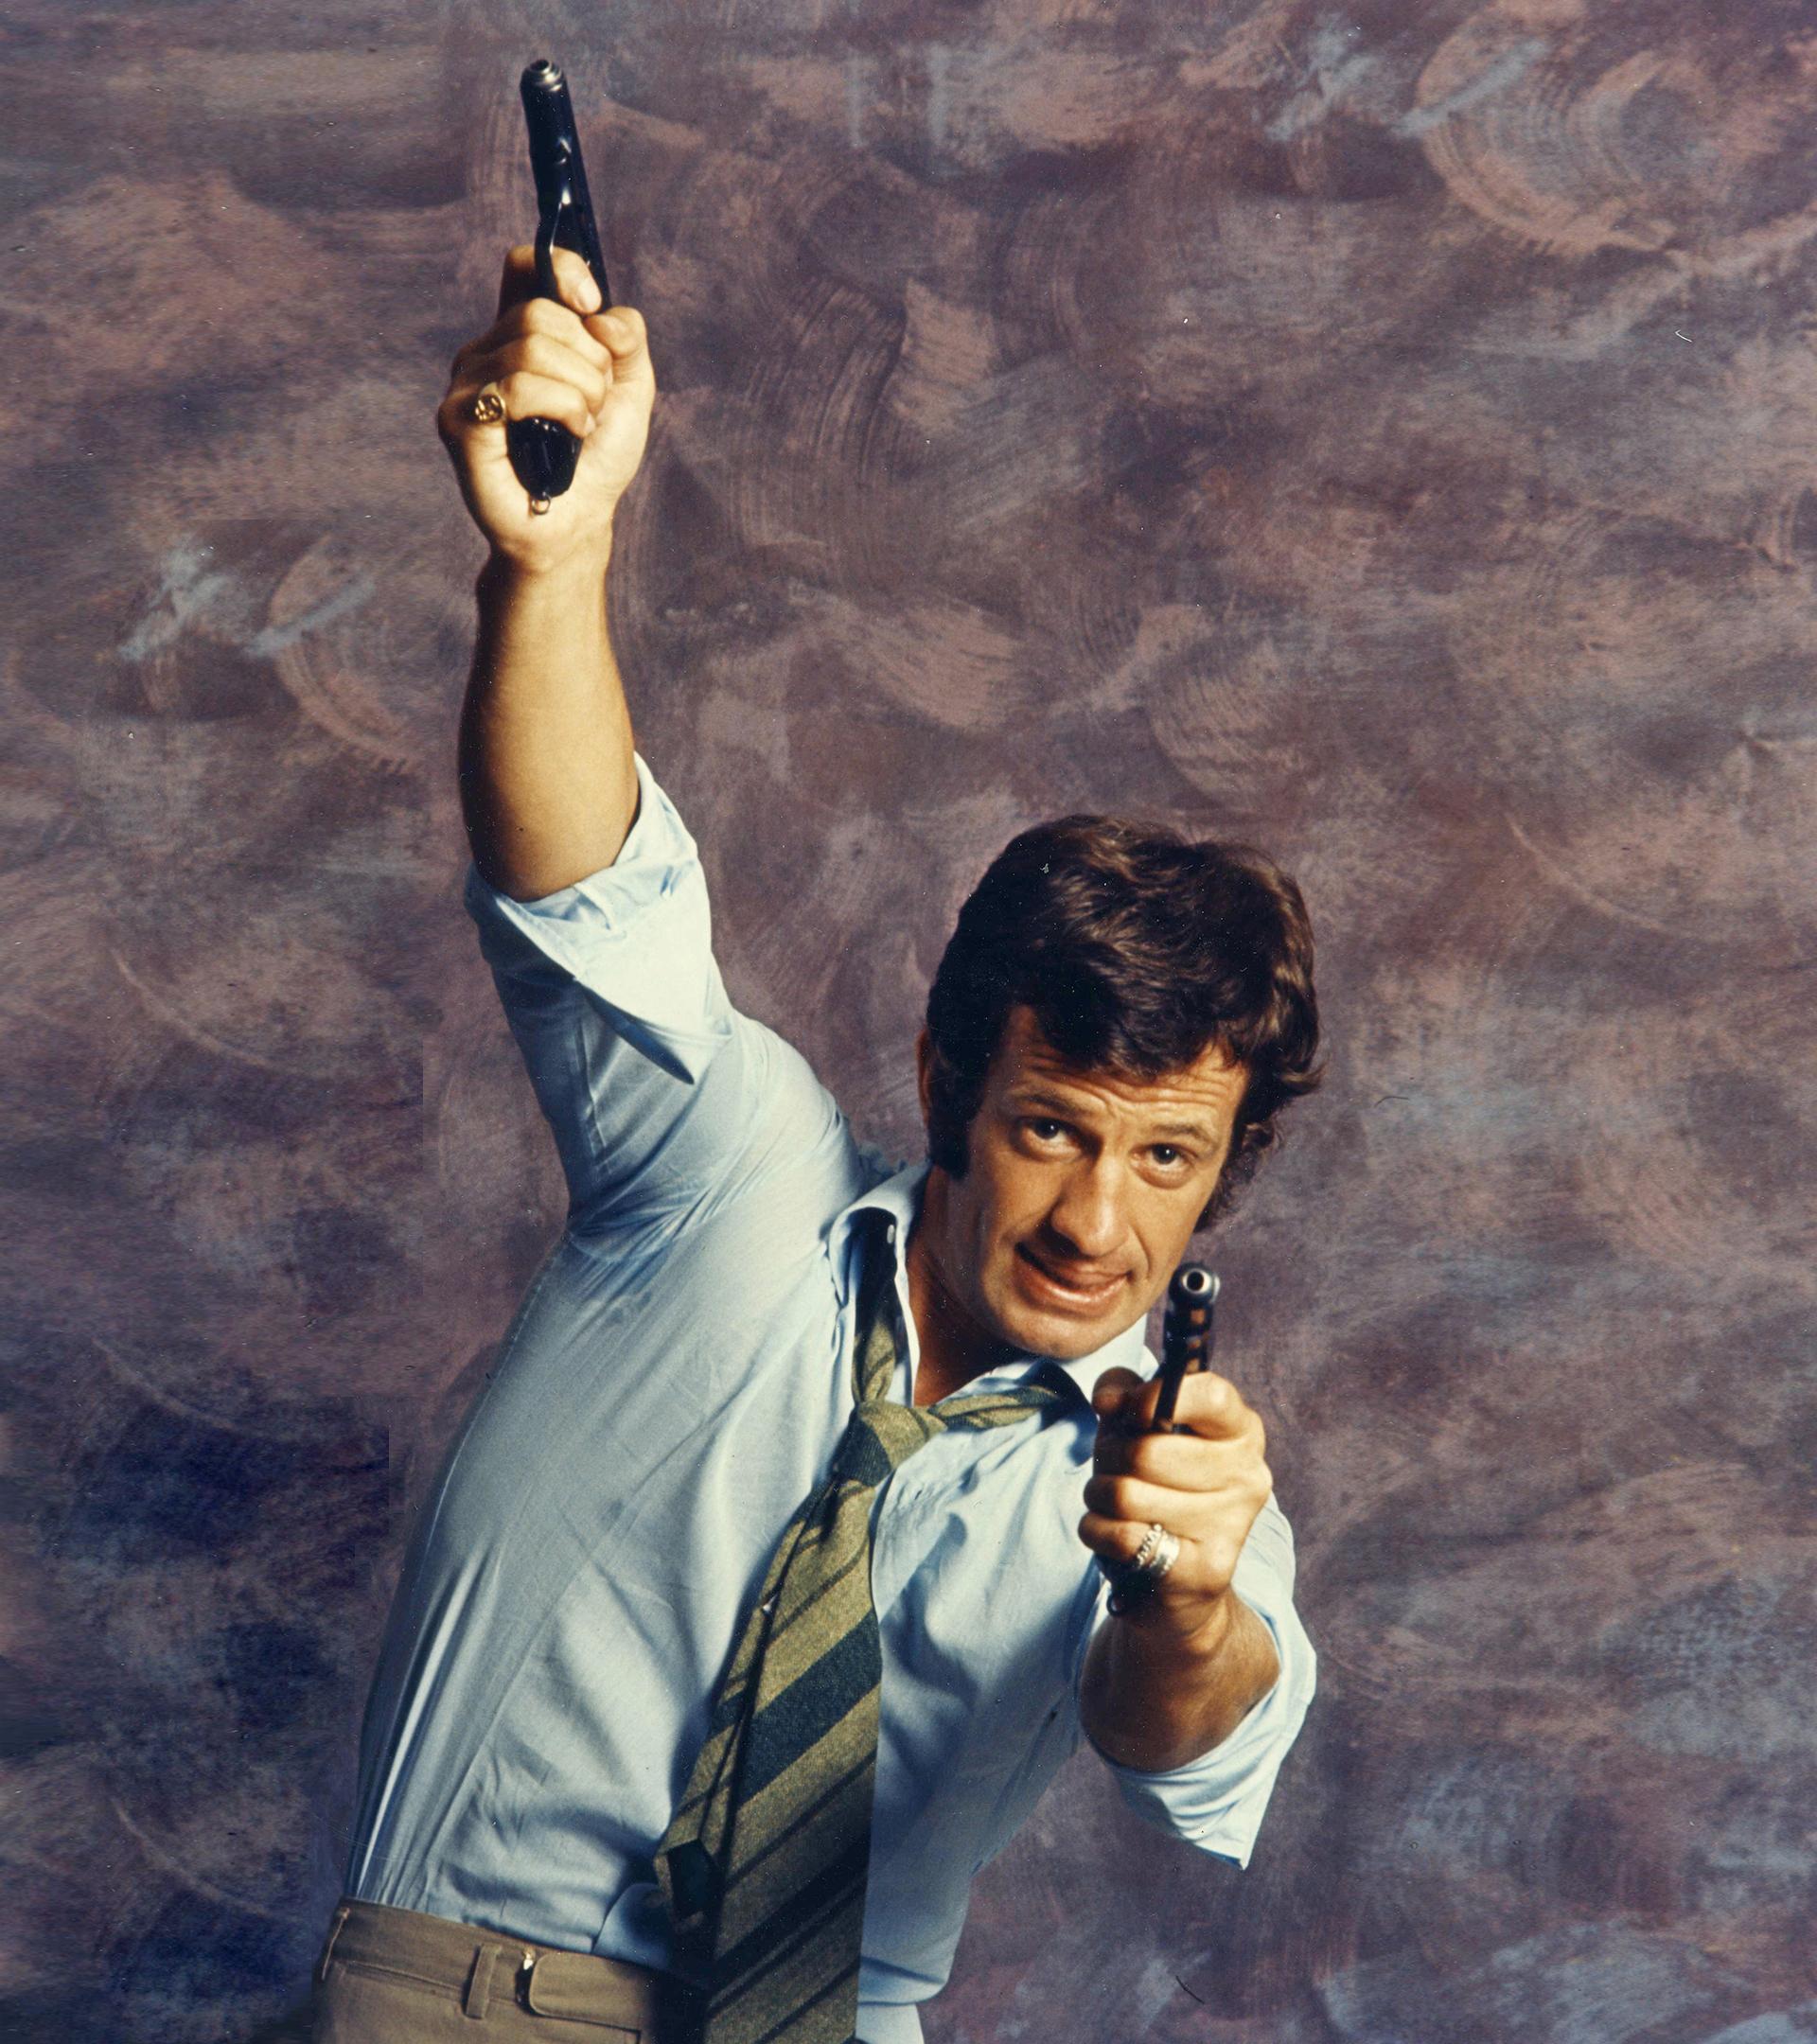 Jean-Paul Belmondo, durante el rodaje de 'Oh', en 1968.